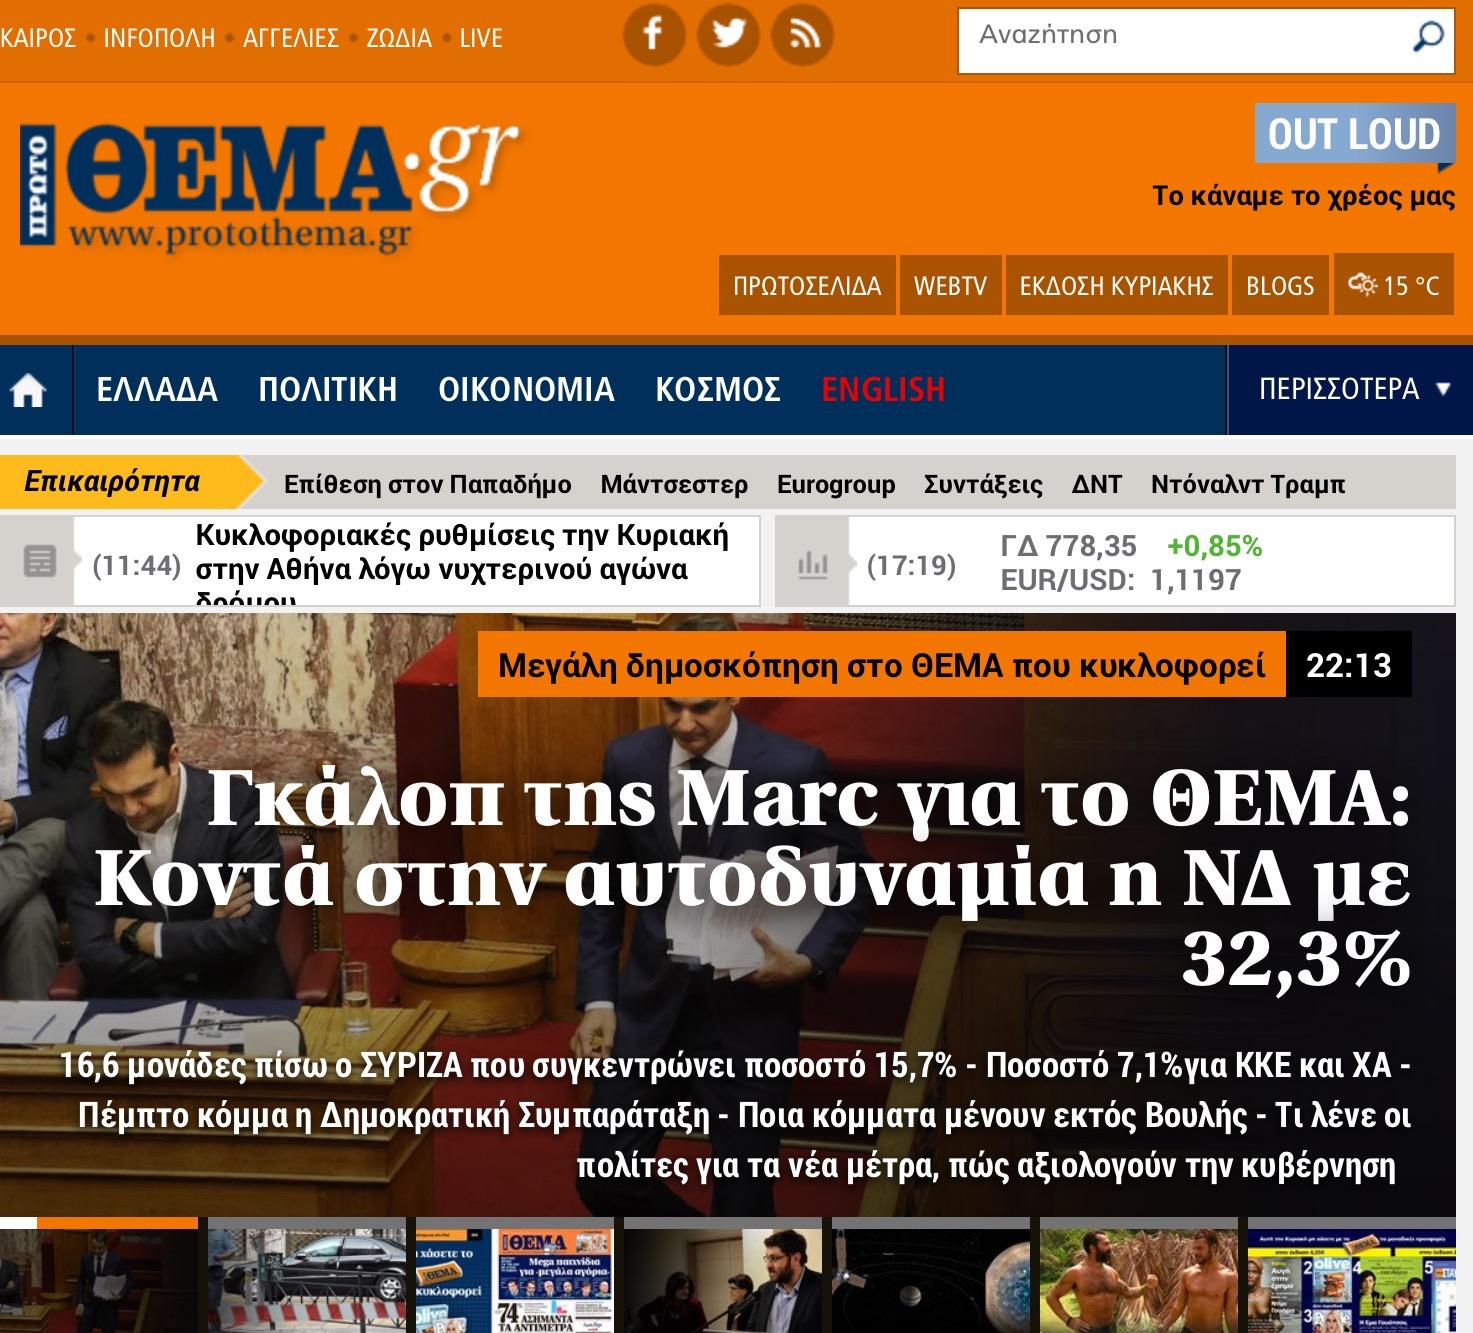 Η απόλυτη ΕΞΑΠΑΤΗΣΗ Παρουσιαζουν τη ΝΔ κοντά στην ΑΥΤΟΔΥΝΑΜΙΑ με 32,6% οταν ο ΣΥΡΙΖΑ με 35,46 πήρε 140 έδρες.